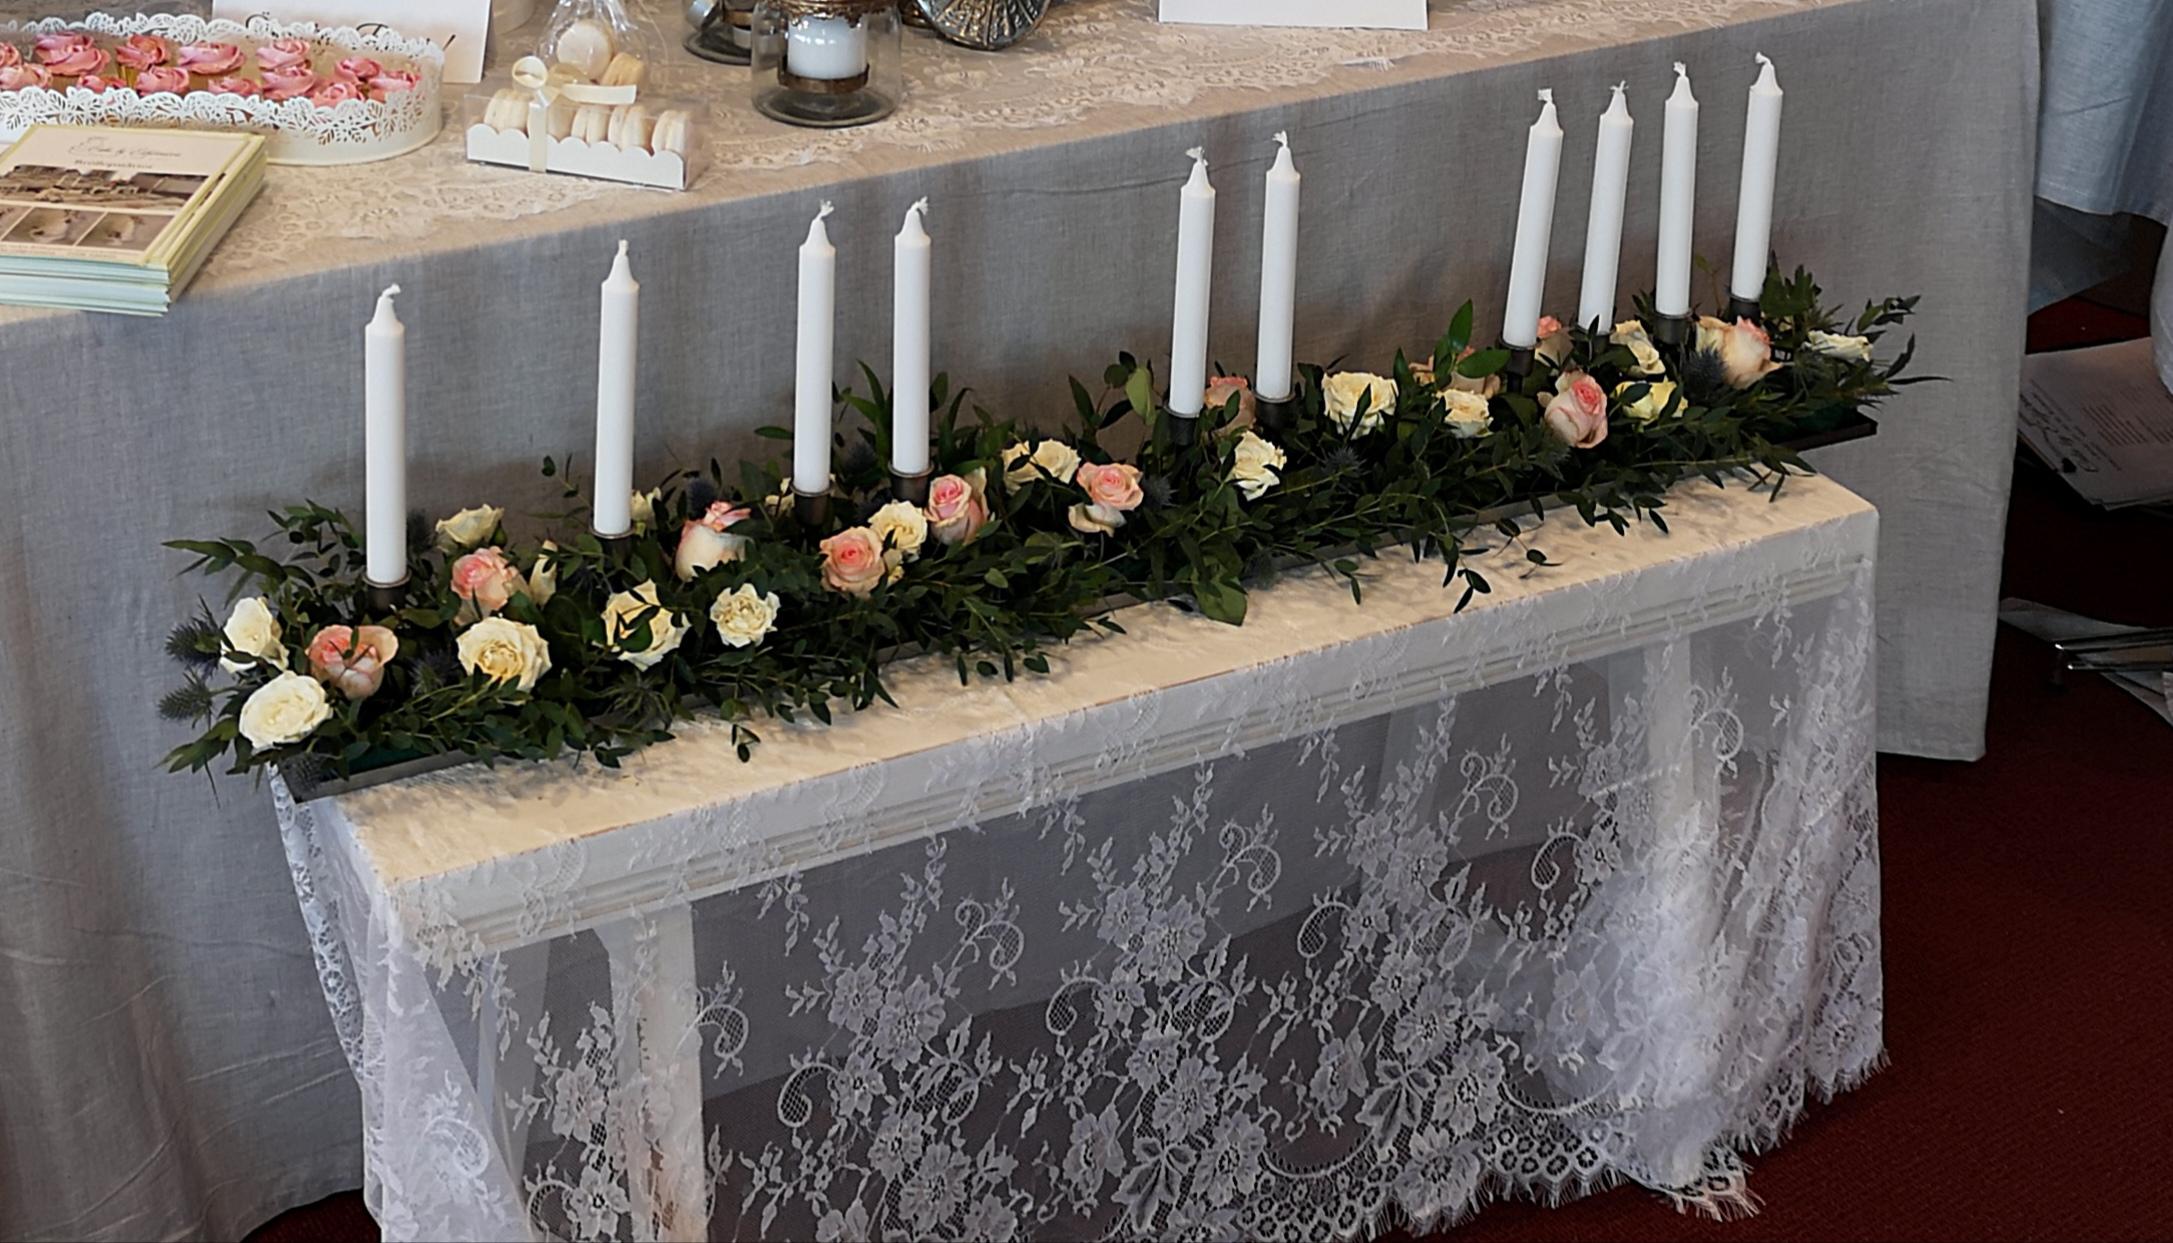 Hyr ljusstake som är helt otroligt vacker i mitten av bordet eller i framkant på honörsbordet , dekorera efter ert tema . Finns 12 st 120 cm långa , 100 kr styck eller alla 12styck för 1000 kr